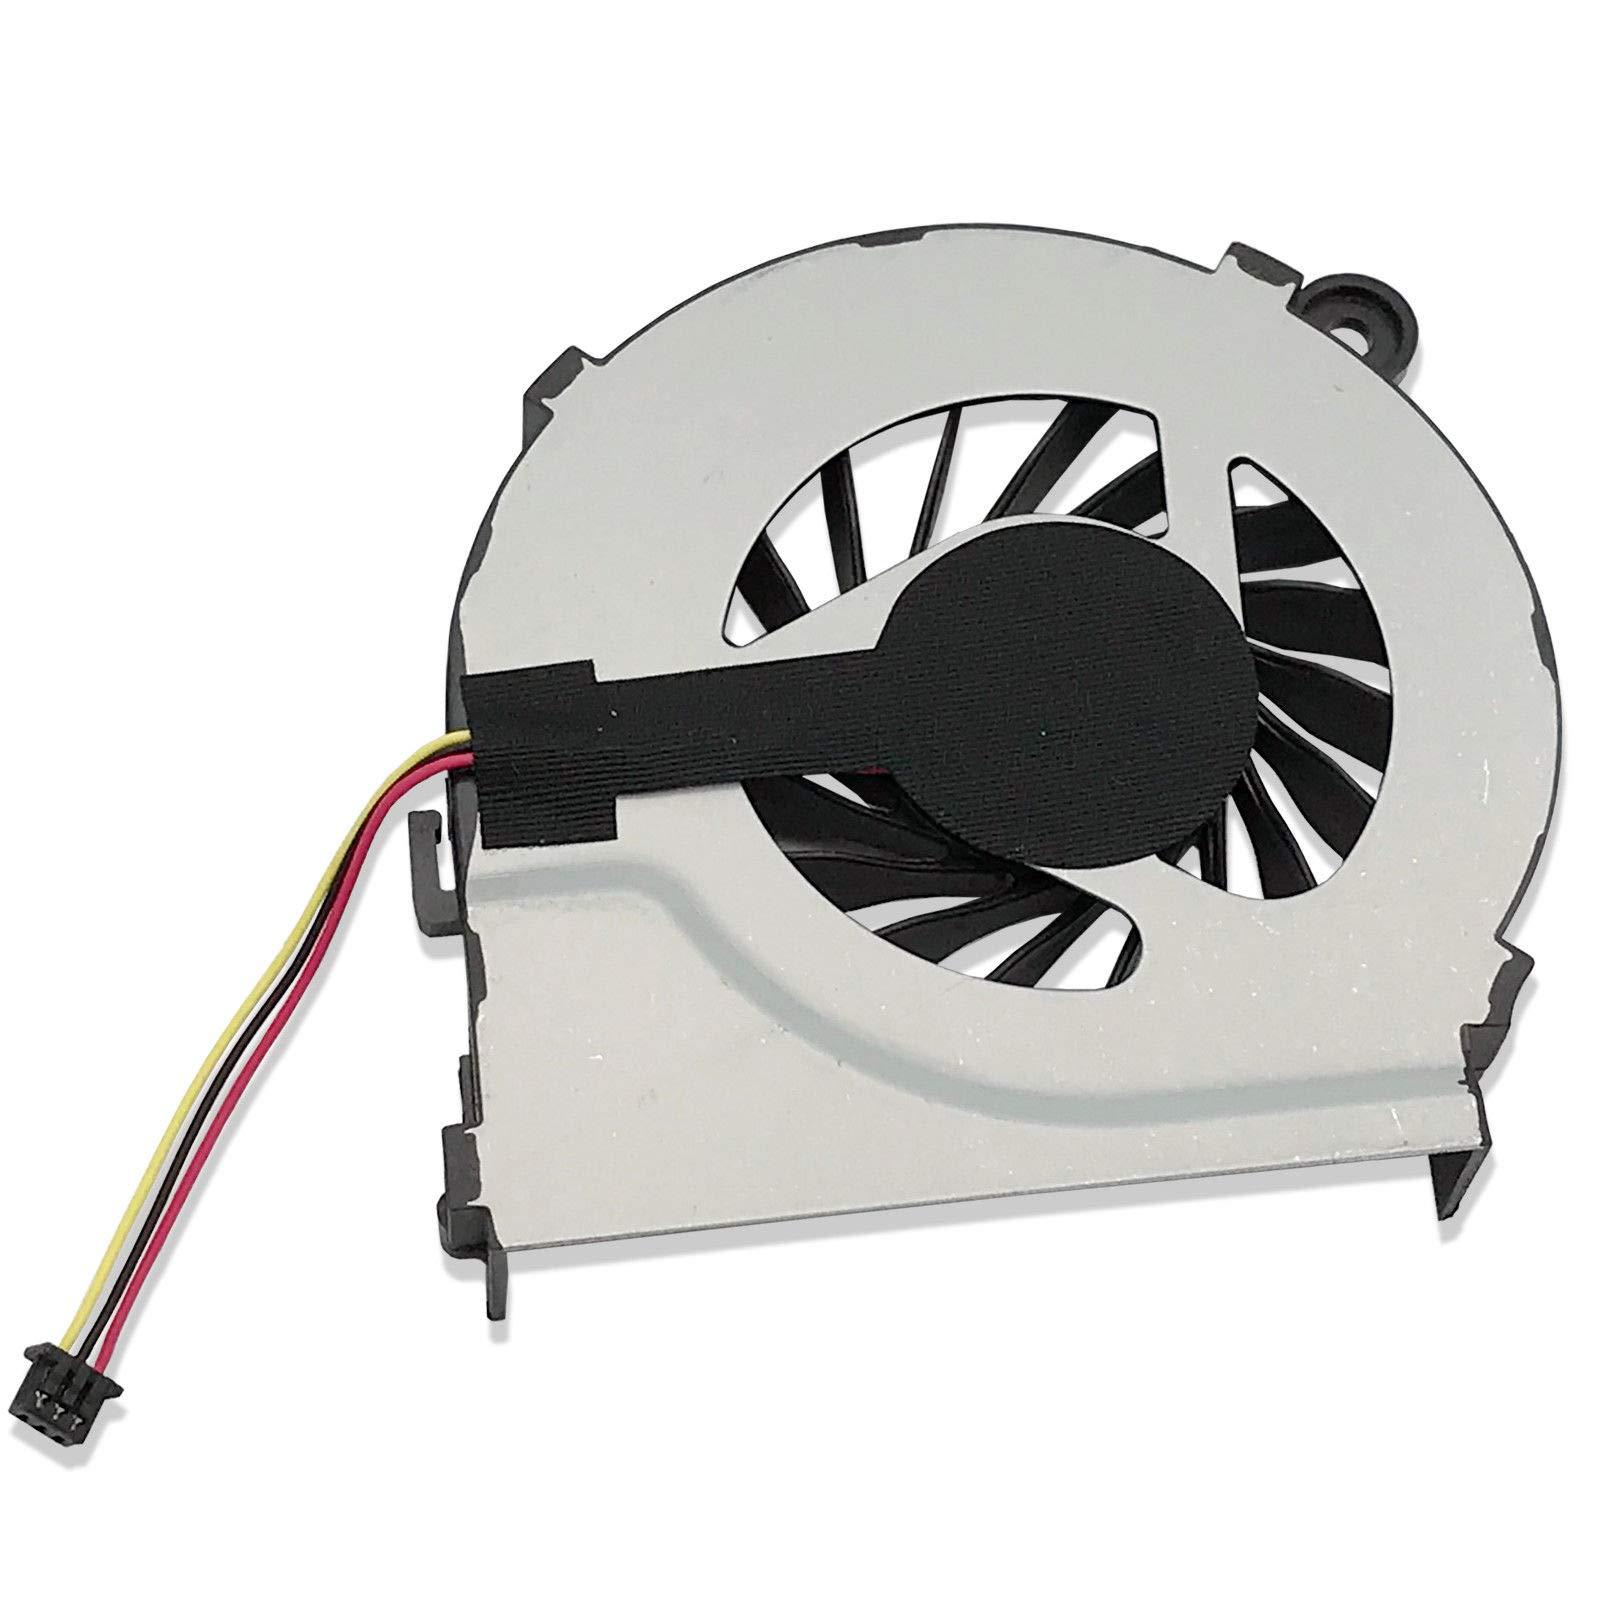 Cooler para HP Pavilion G7-1000 G7-1070US G7-1150US G7-1260US G7-1310US G7-1019WM G7-1139WM G7-1149WM G7-1219WM G7-1329W